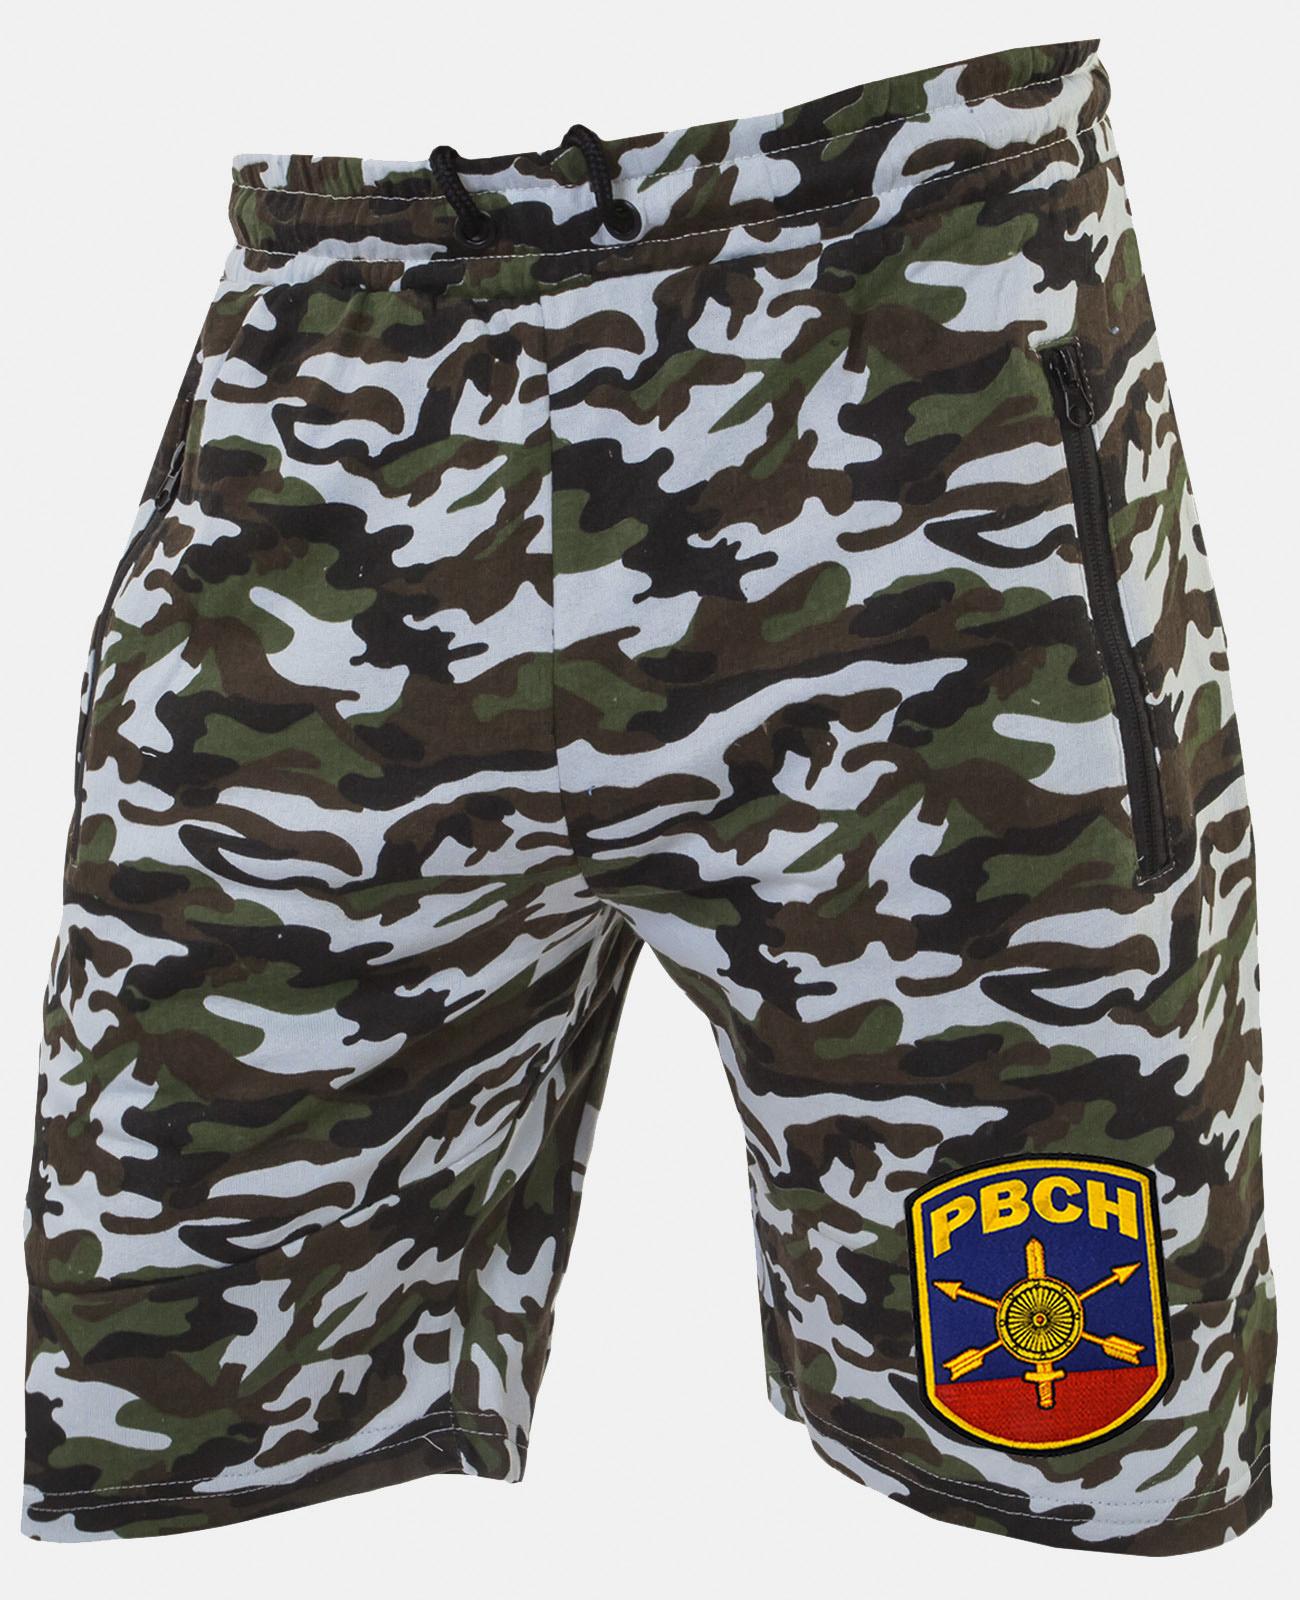 Контрастные камуфляжные шорты с нашивкой РВСН